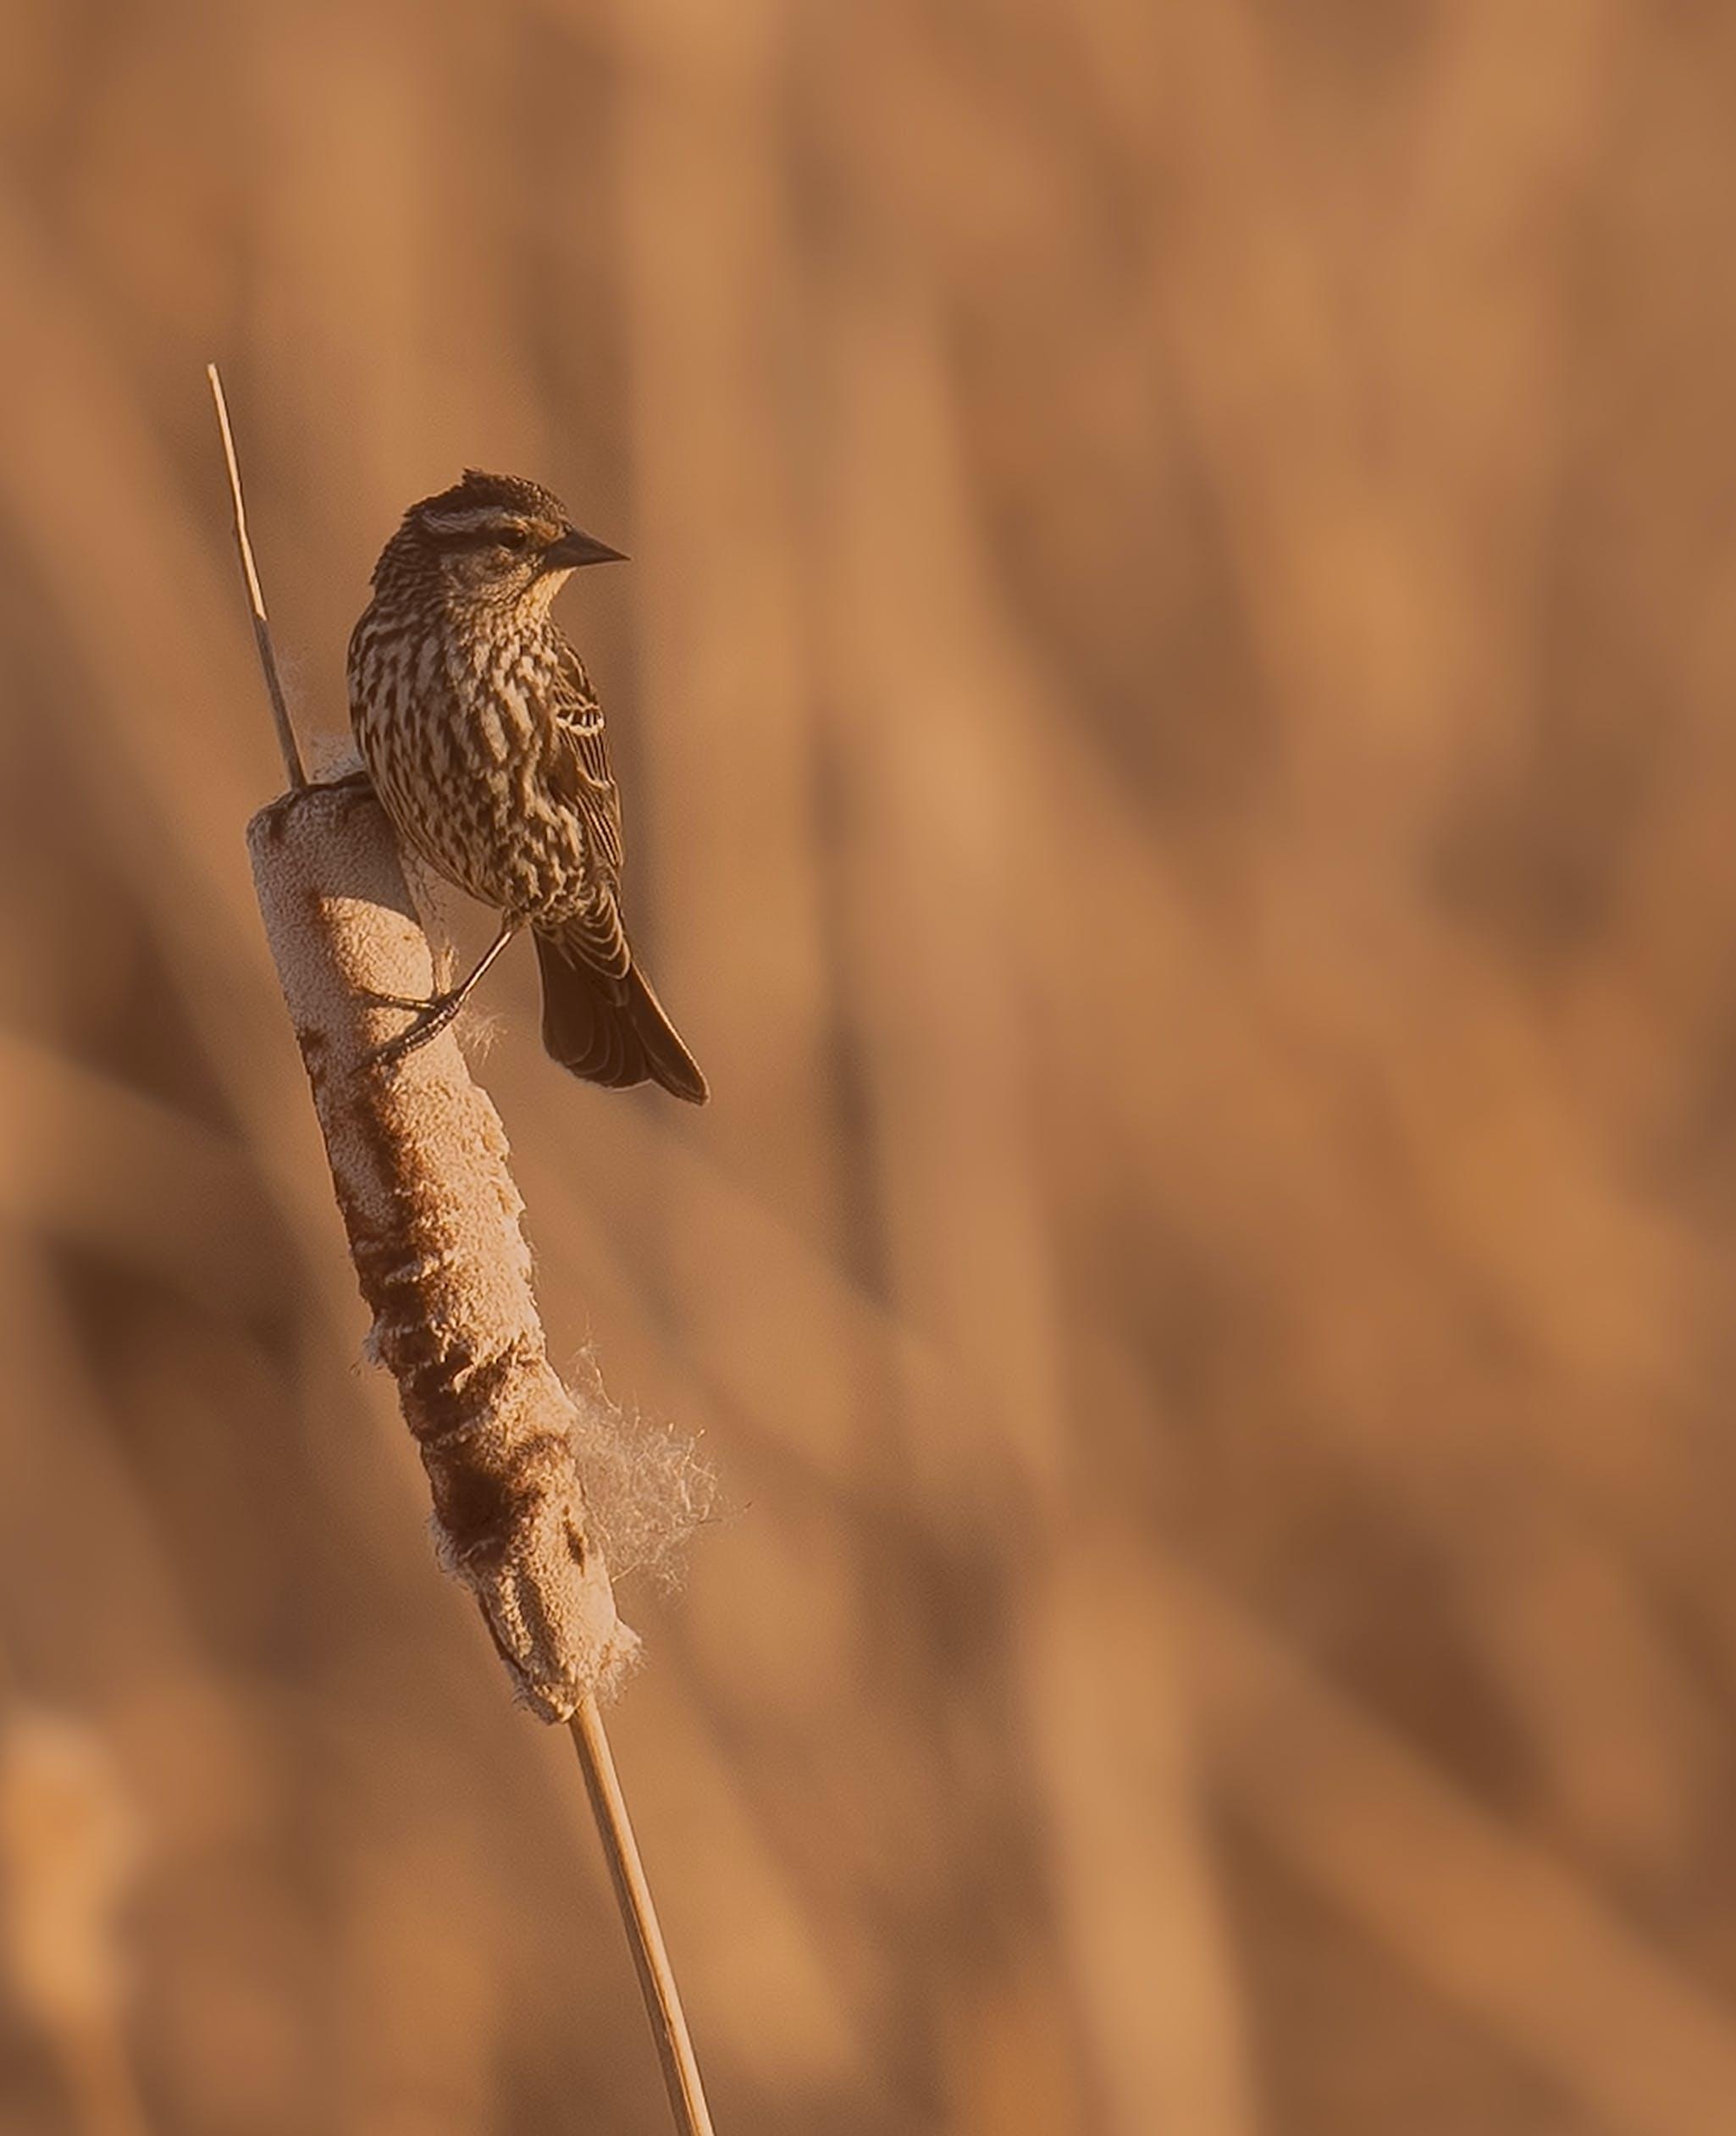 Gratis stockfoto met beest, birdwatching, dieren in het wild, huismus